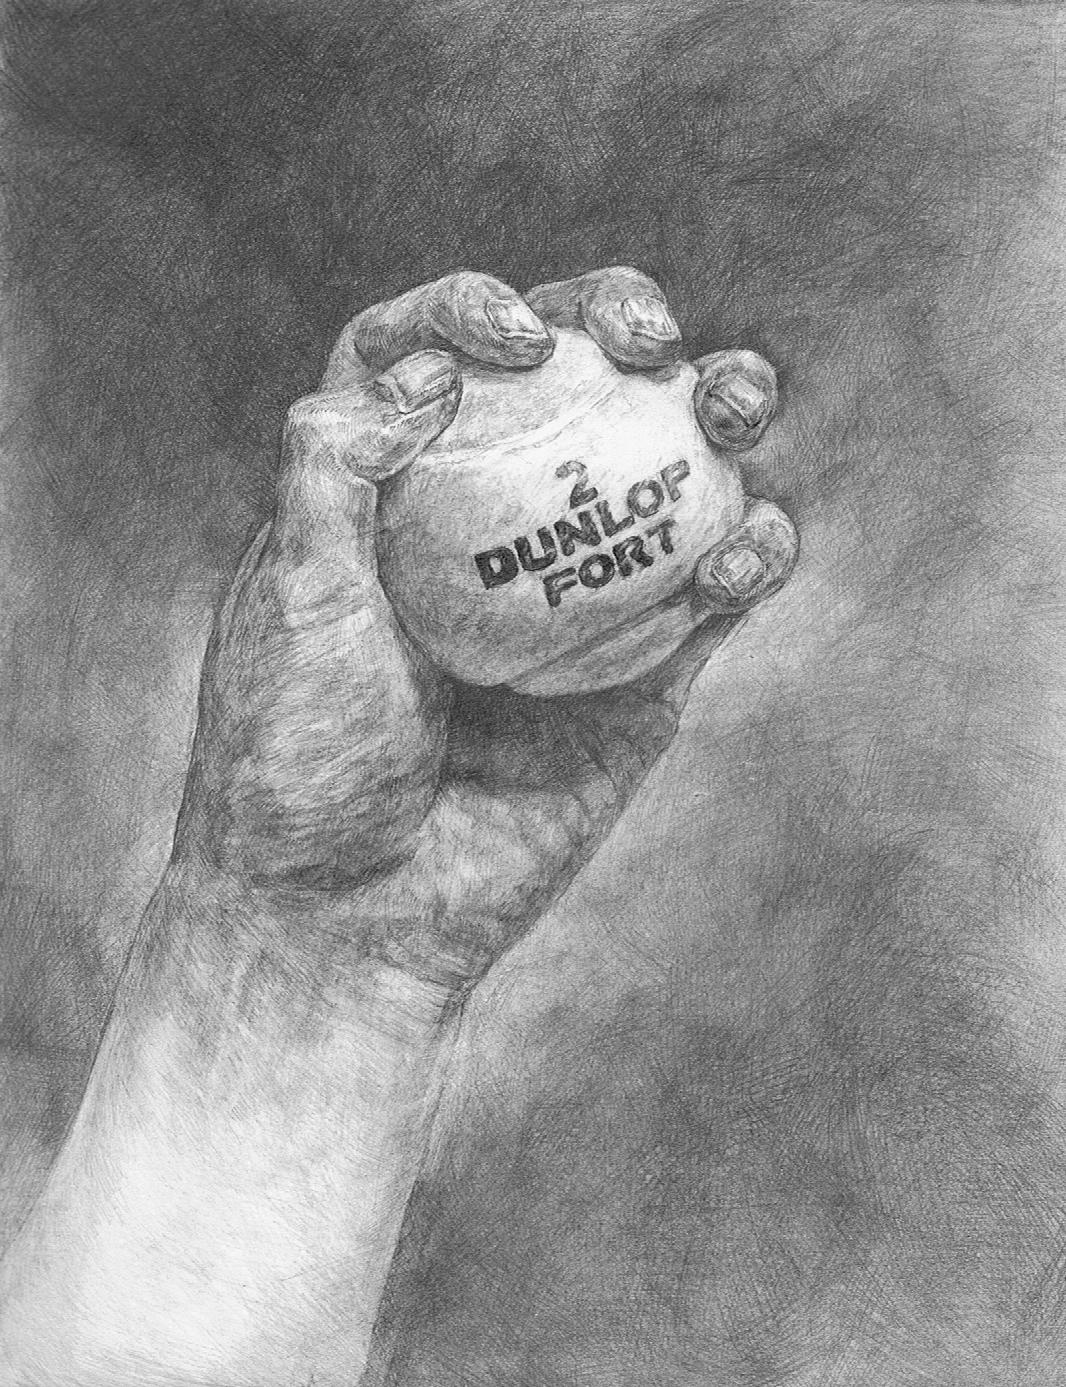 手の鉛筆デッサン|デッサンの描き方講座 手の鉛筆デッサン|デッサンの描き方講座 手のデッサンにつ